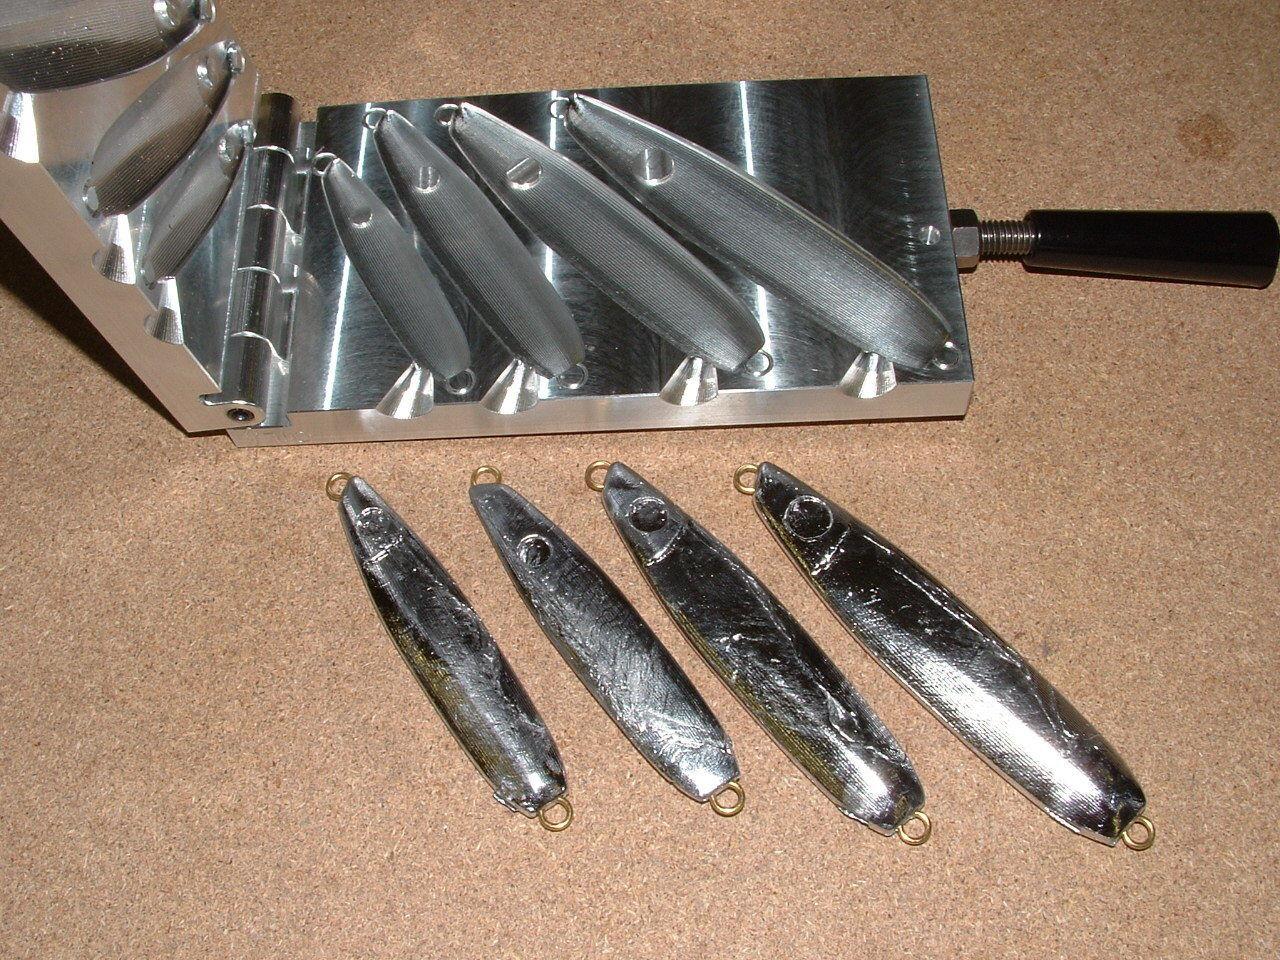 Saltwater B Jig -2  mold 2, 4, 6, 8oz Flutter jig CNC Aluminum